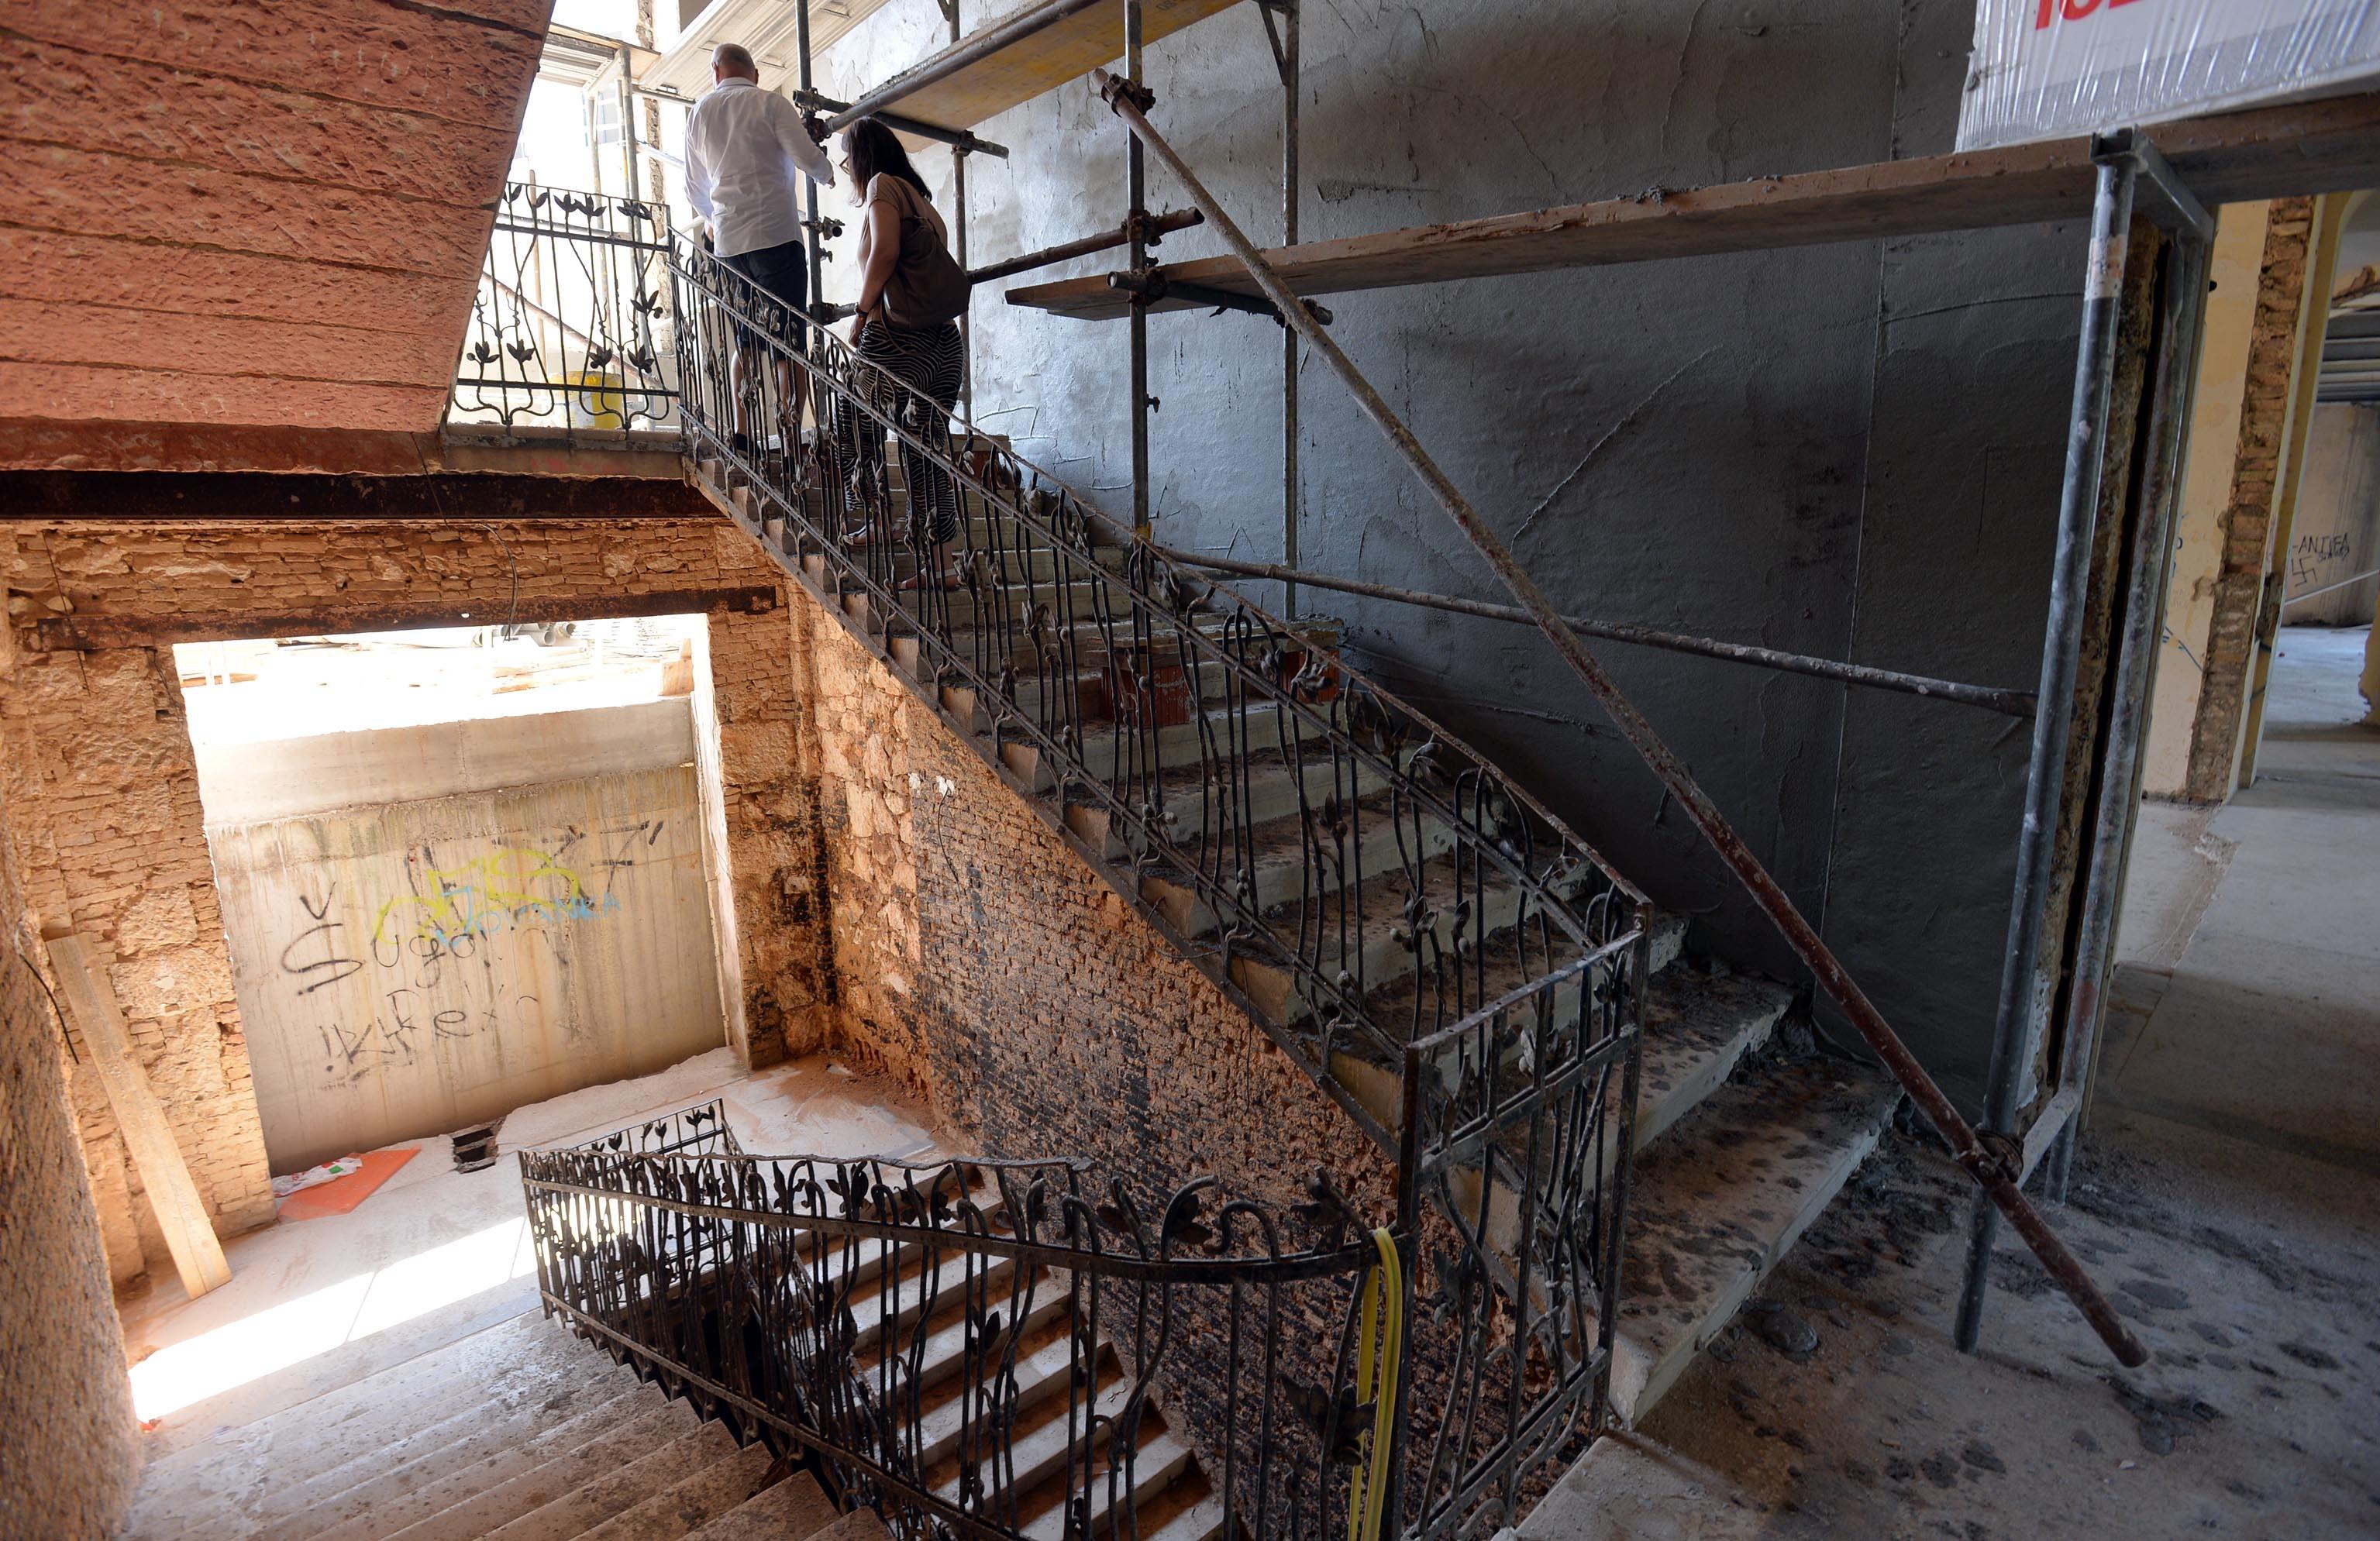 U starom dijelu Miramarea dominira prekrasno staro kameno stubište s originalnom ogradom / Snimio Damir ŠKOMRLJ